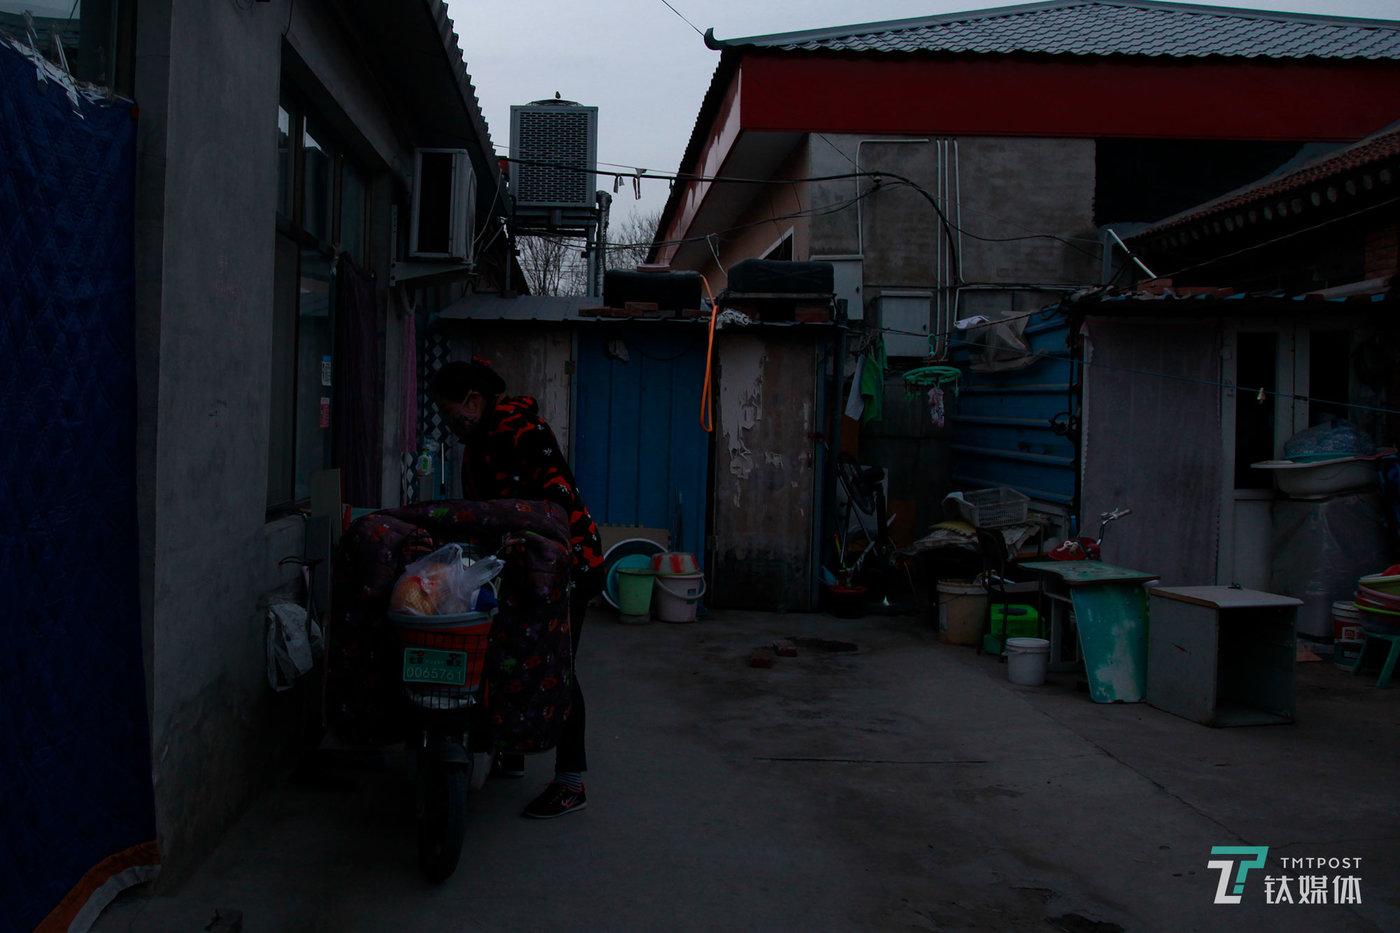 夏芸回到家,把电动车停靠在院子里。这是东六环外的一个平房,院子里住了六户人家,有四户都和夏芸一样在做长租公寓保洁员。他们大都离家只身在北京打工,住在一起为了彼此有事的时候能相互照应。